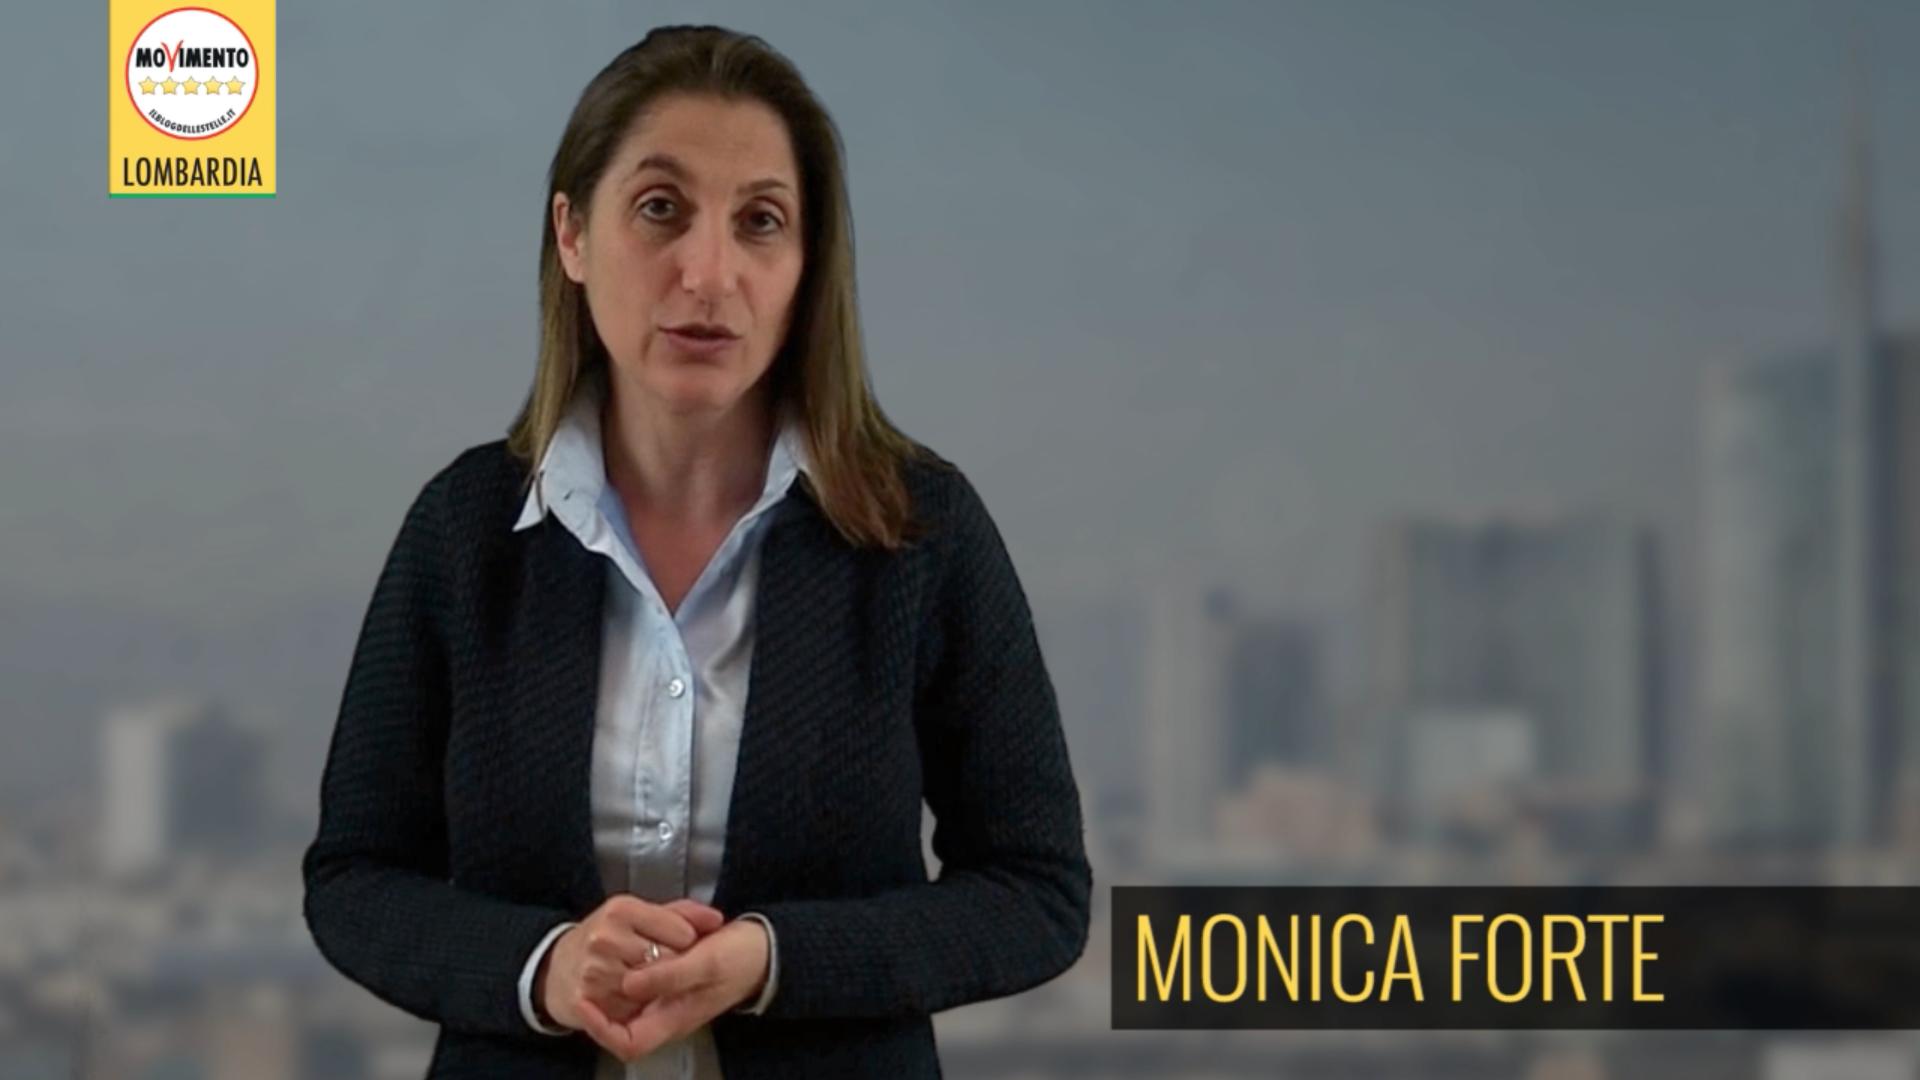 Conosciamo i consiglieri regionali: Monica Forte